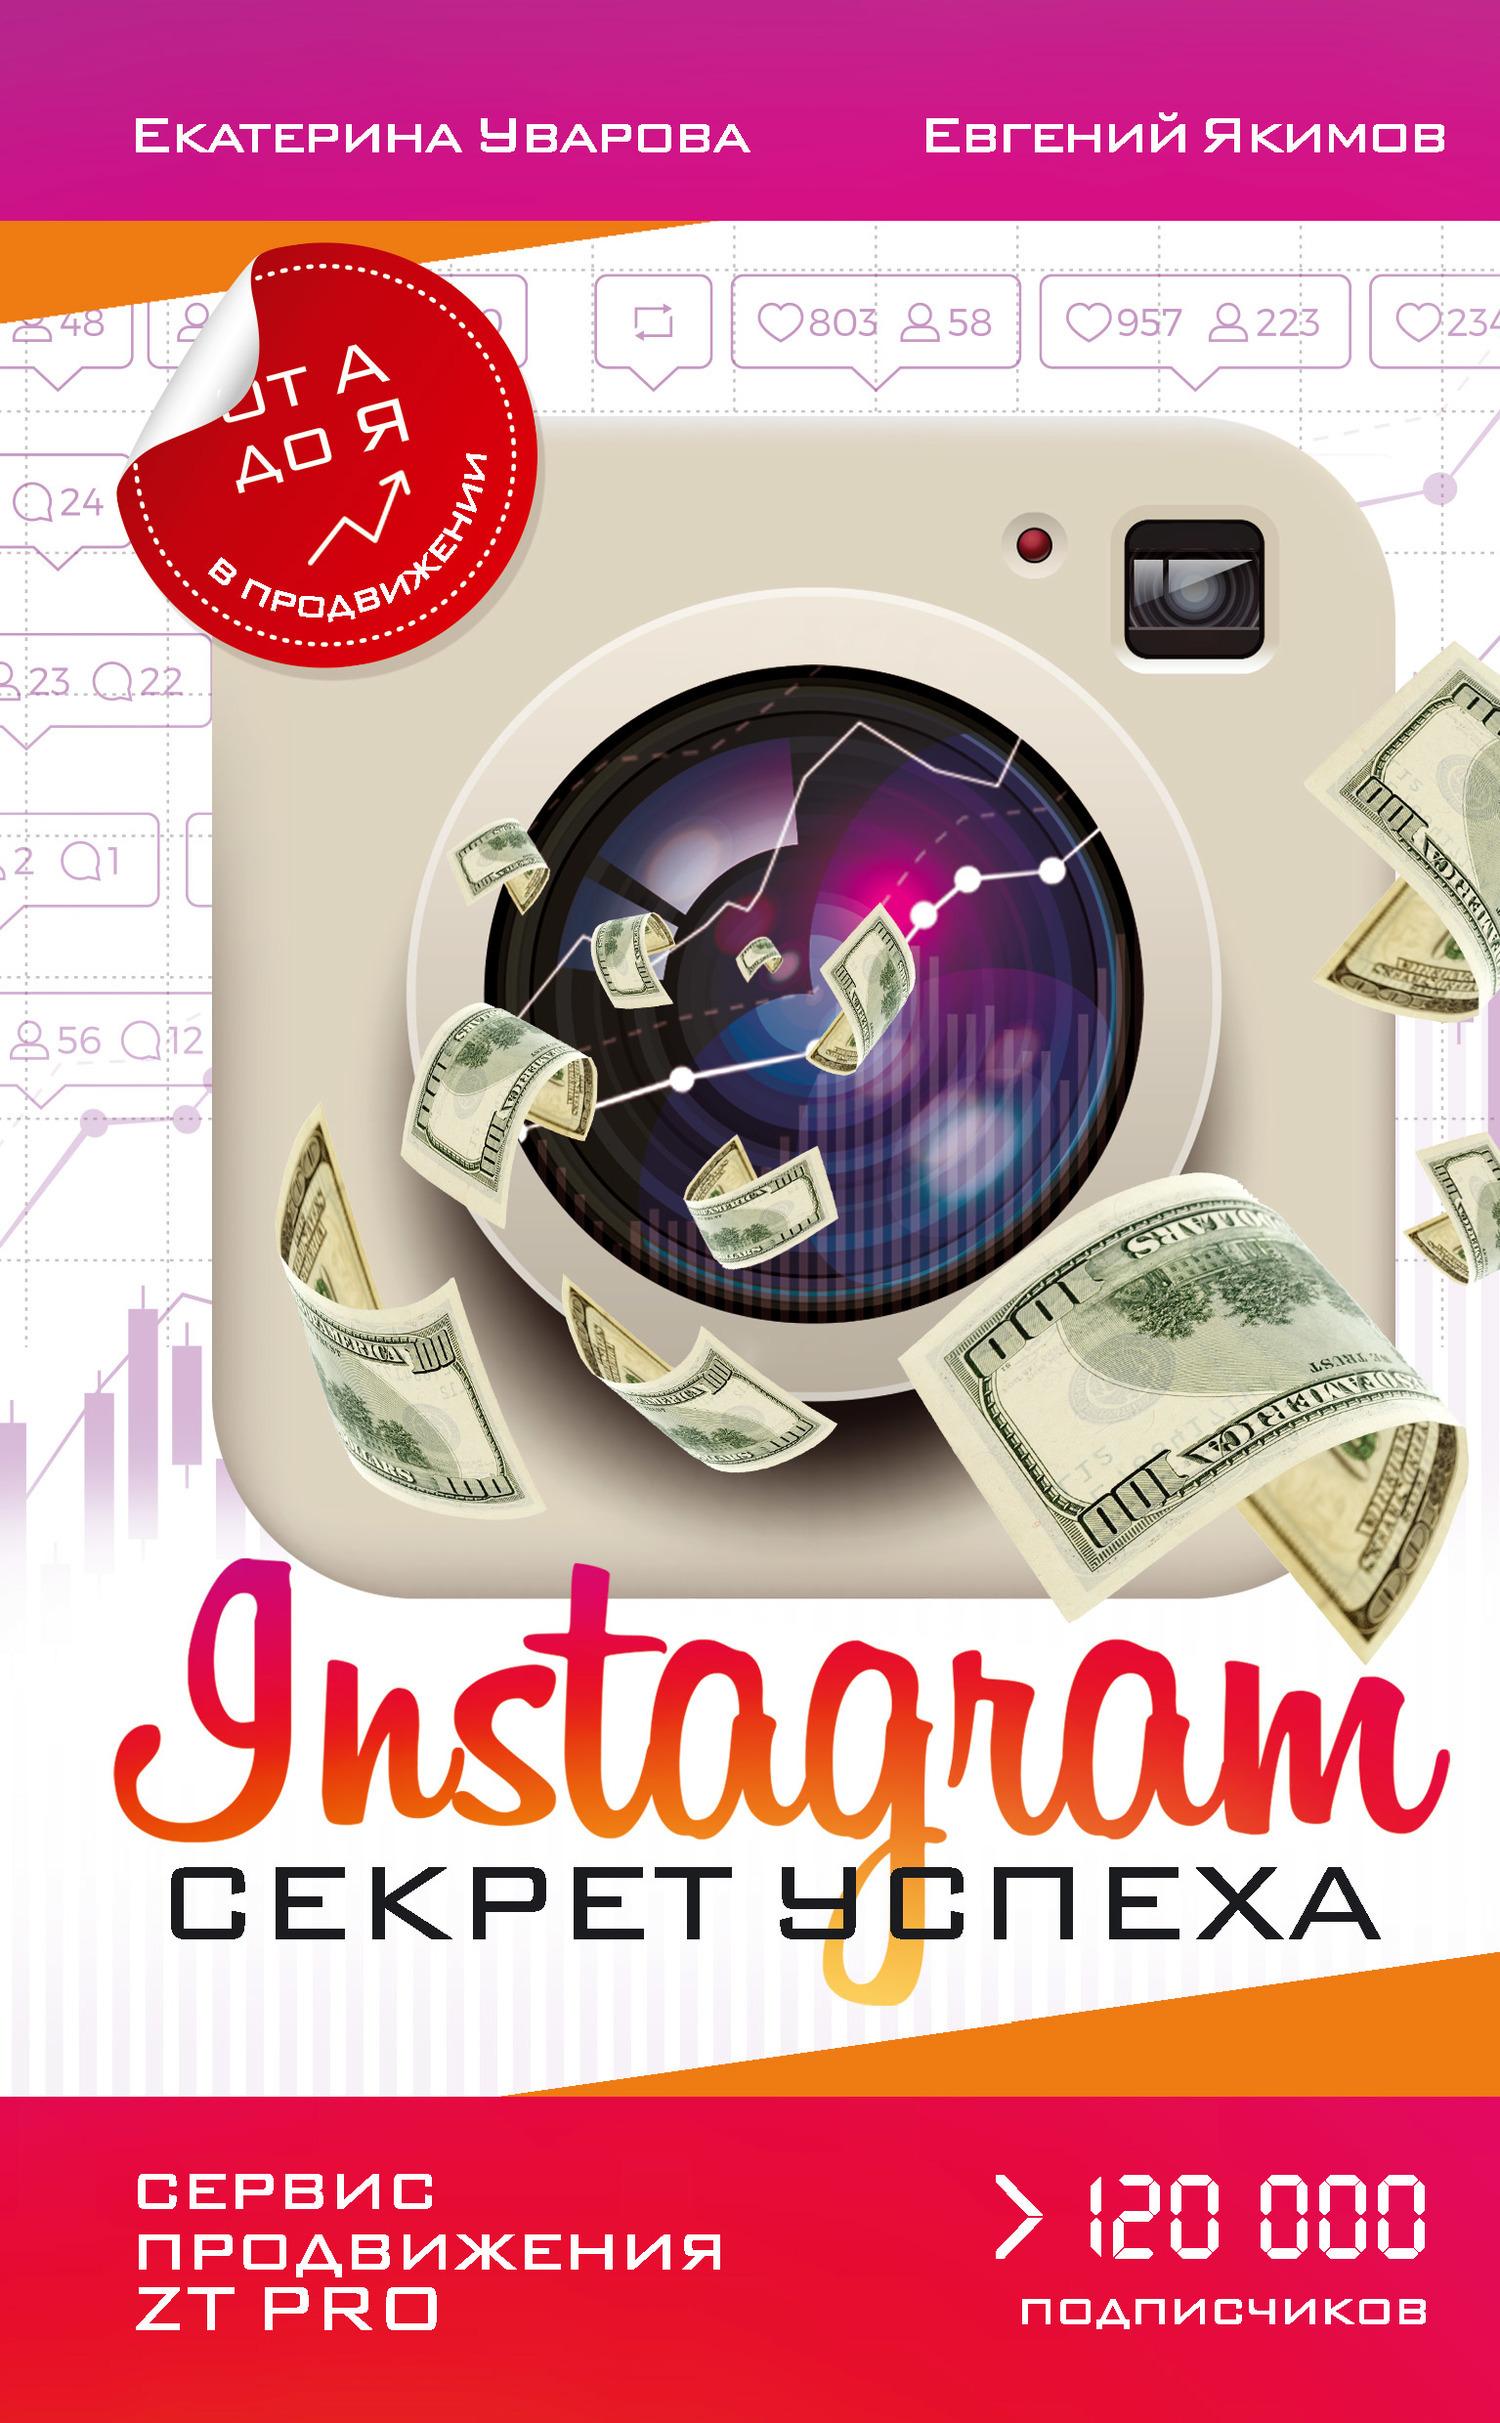 Обложка книги. Автор - Евгений Якимов